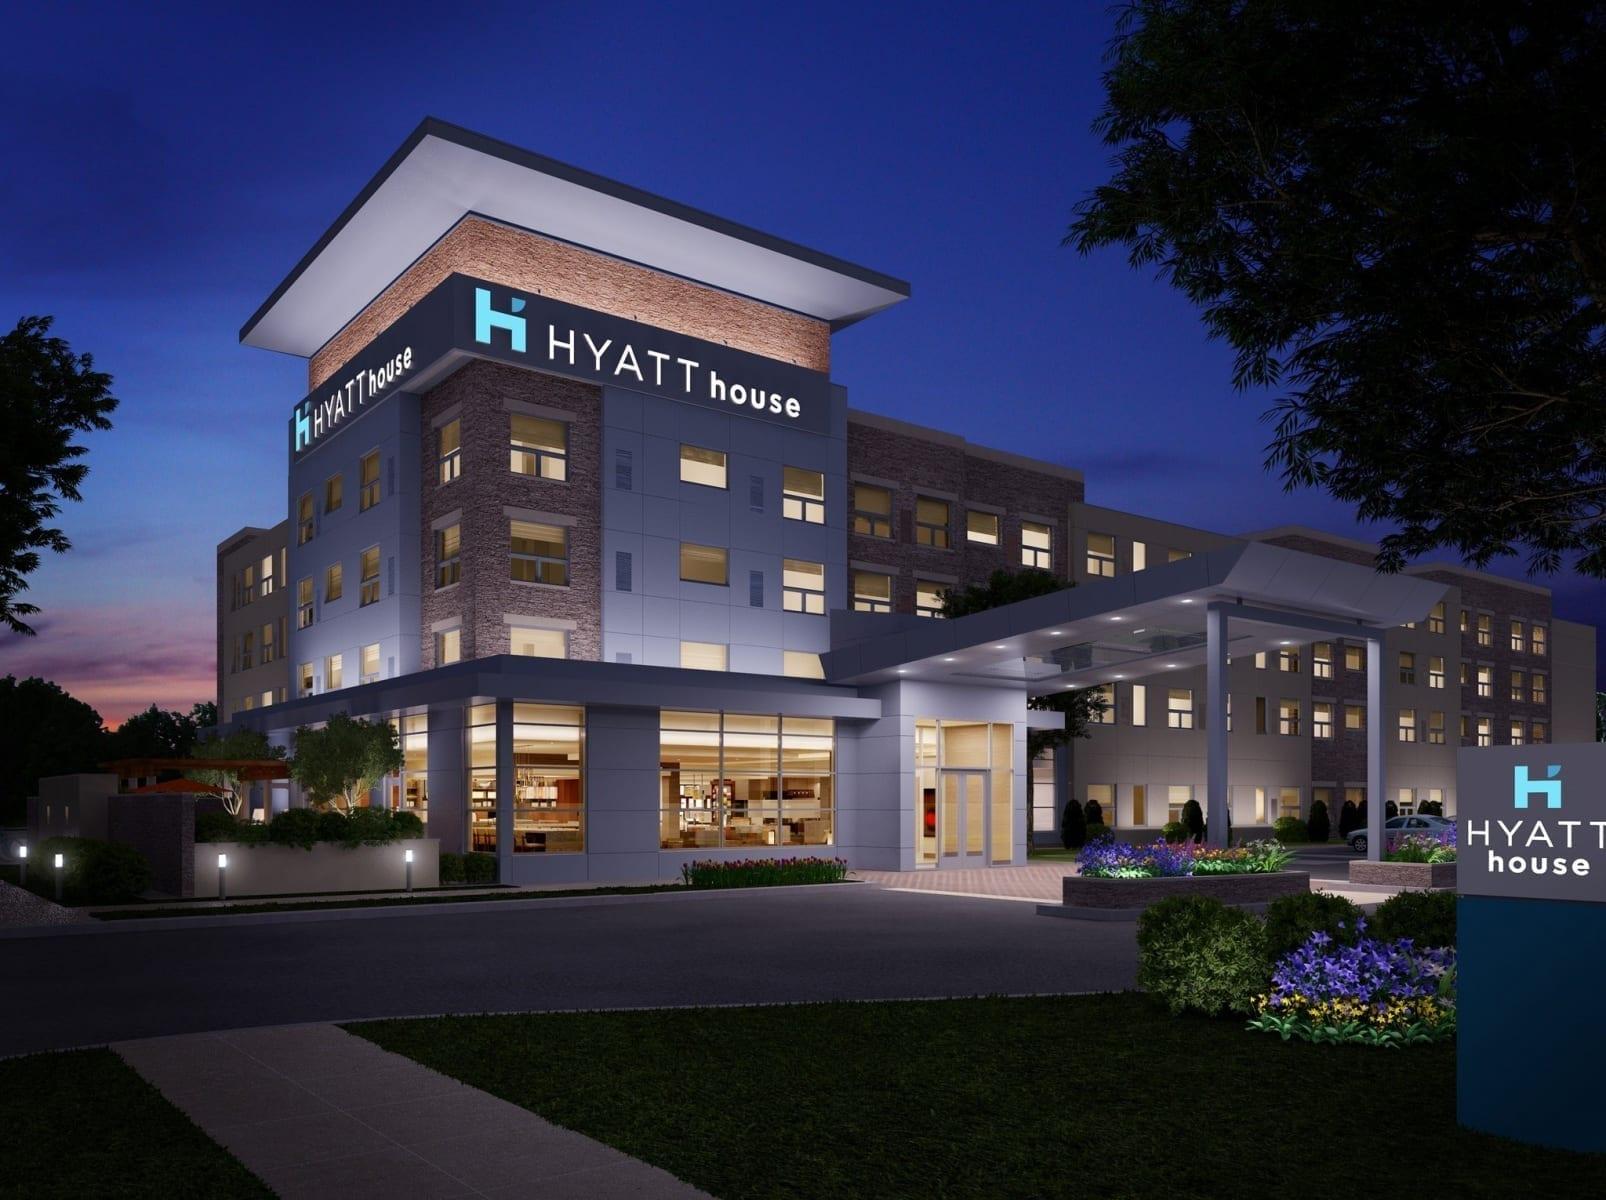 Hyatt House Design